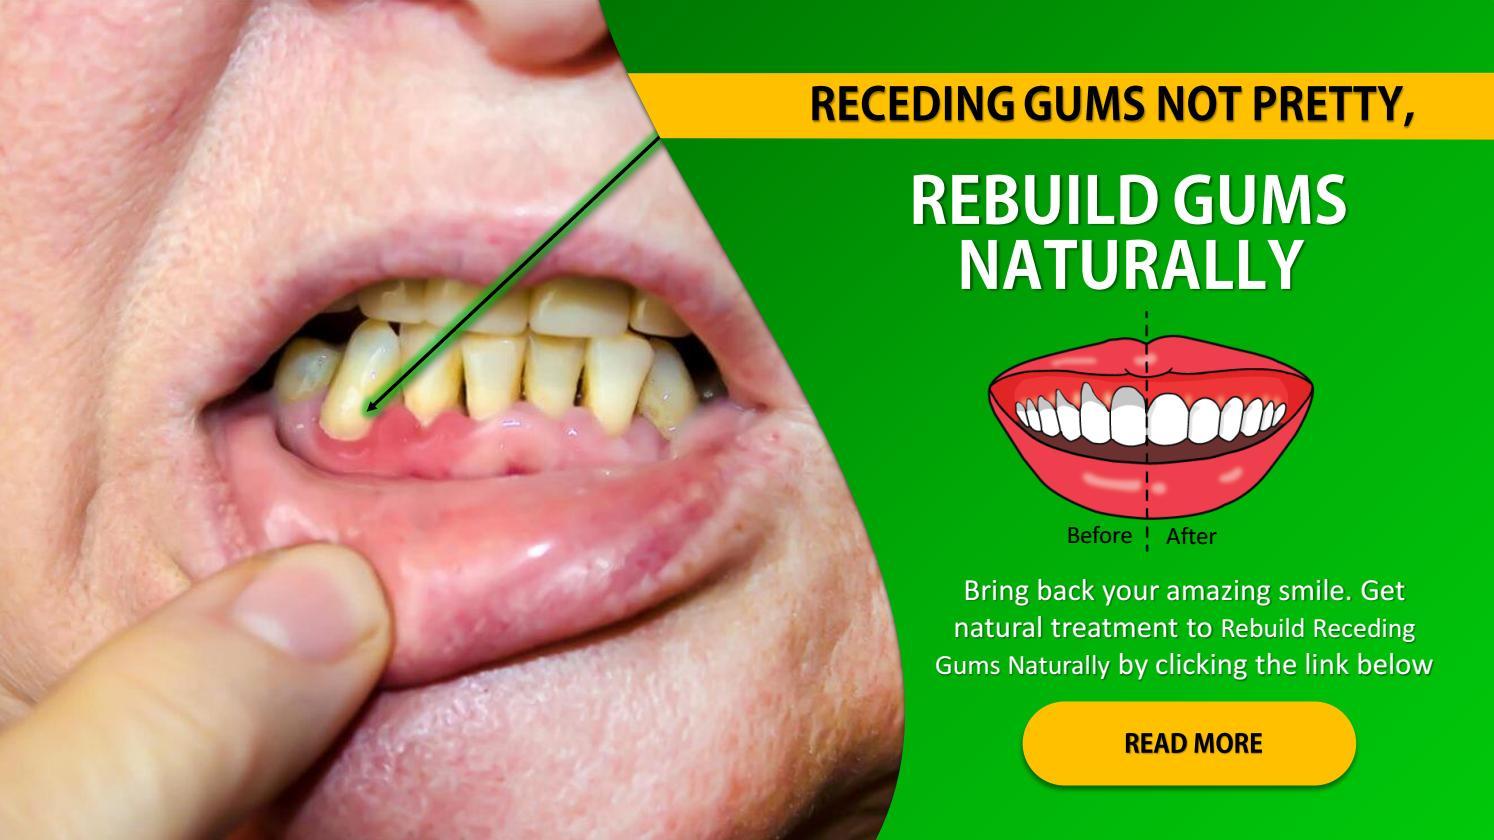 Rebuild Gums Naturally